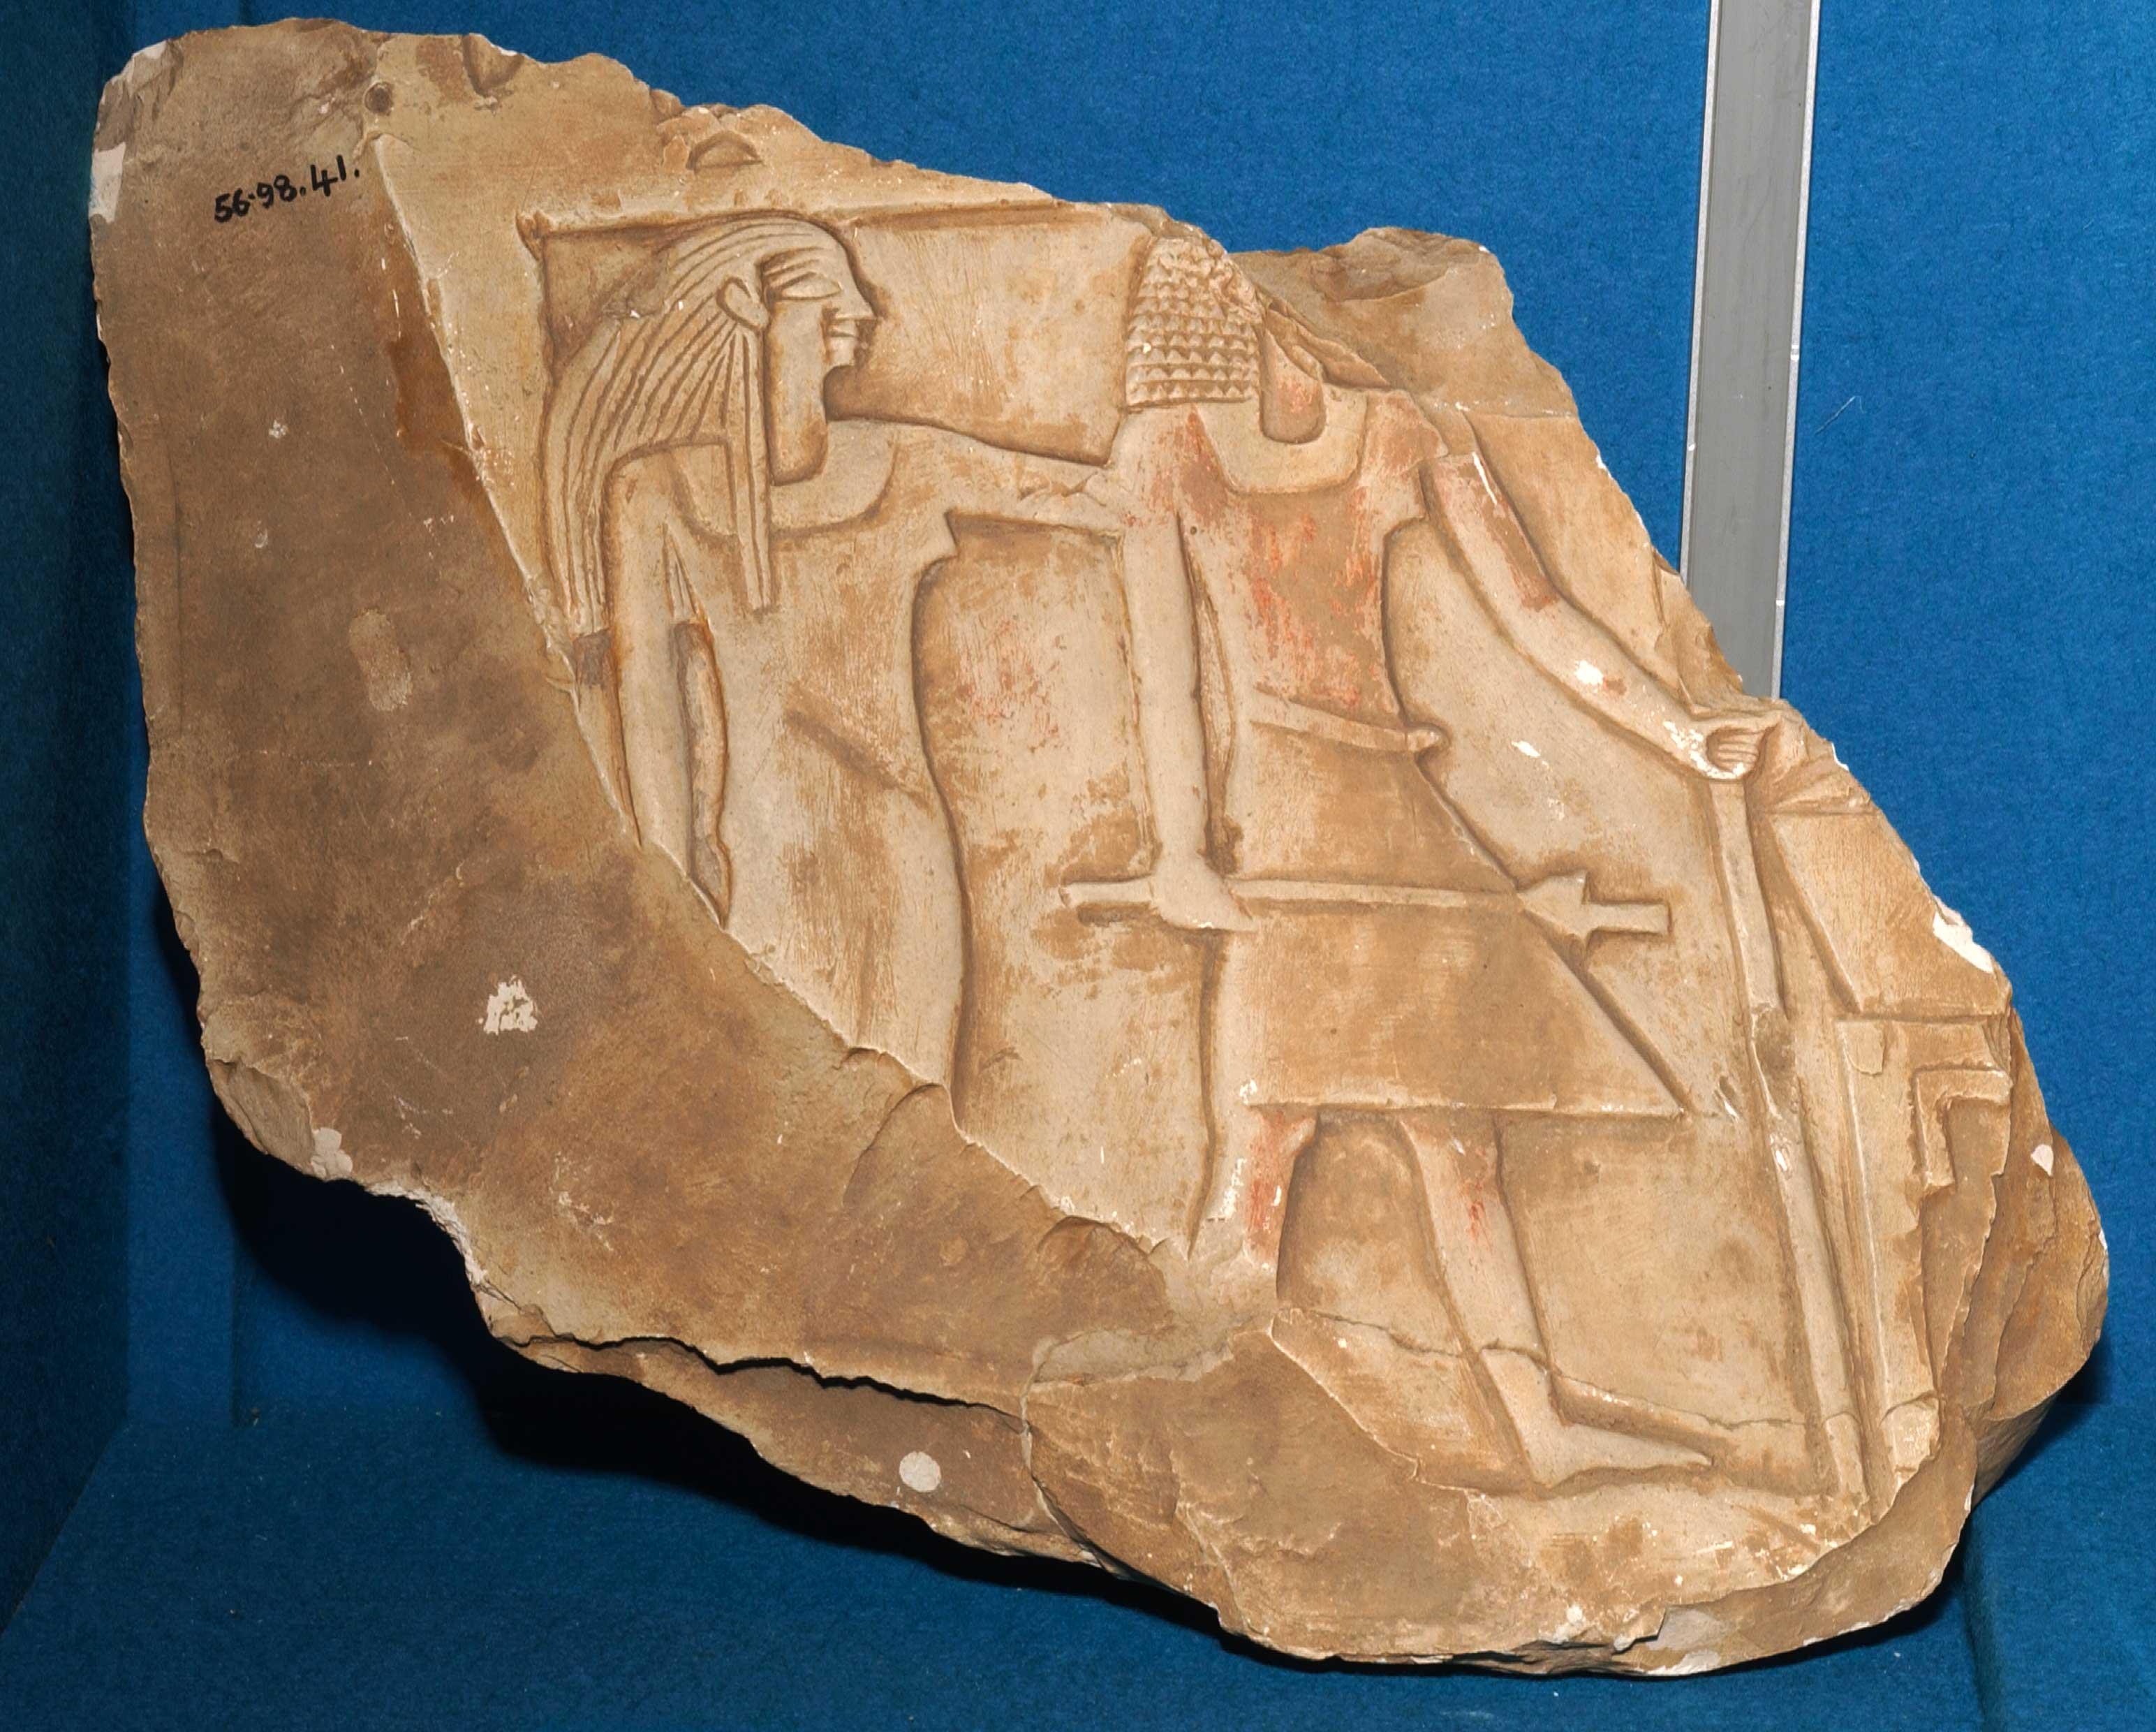 Stela of Mrri fragment